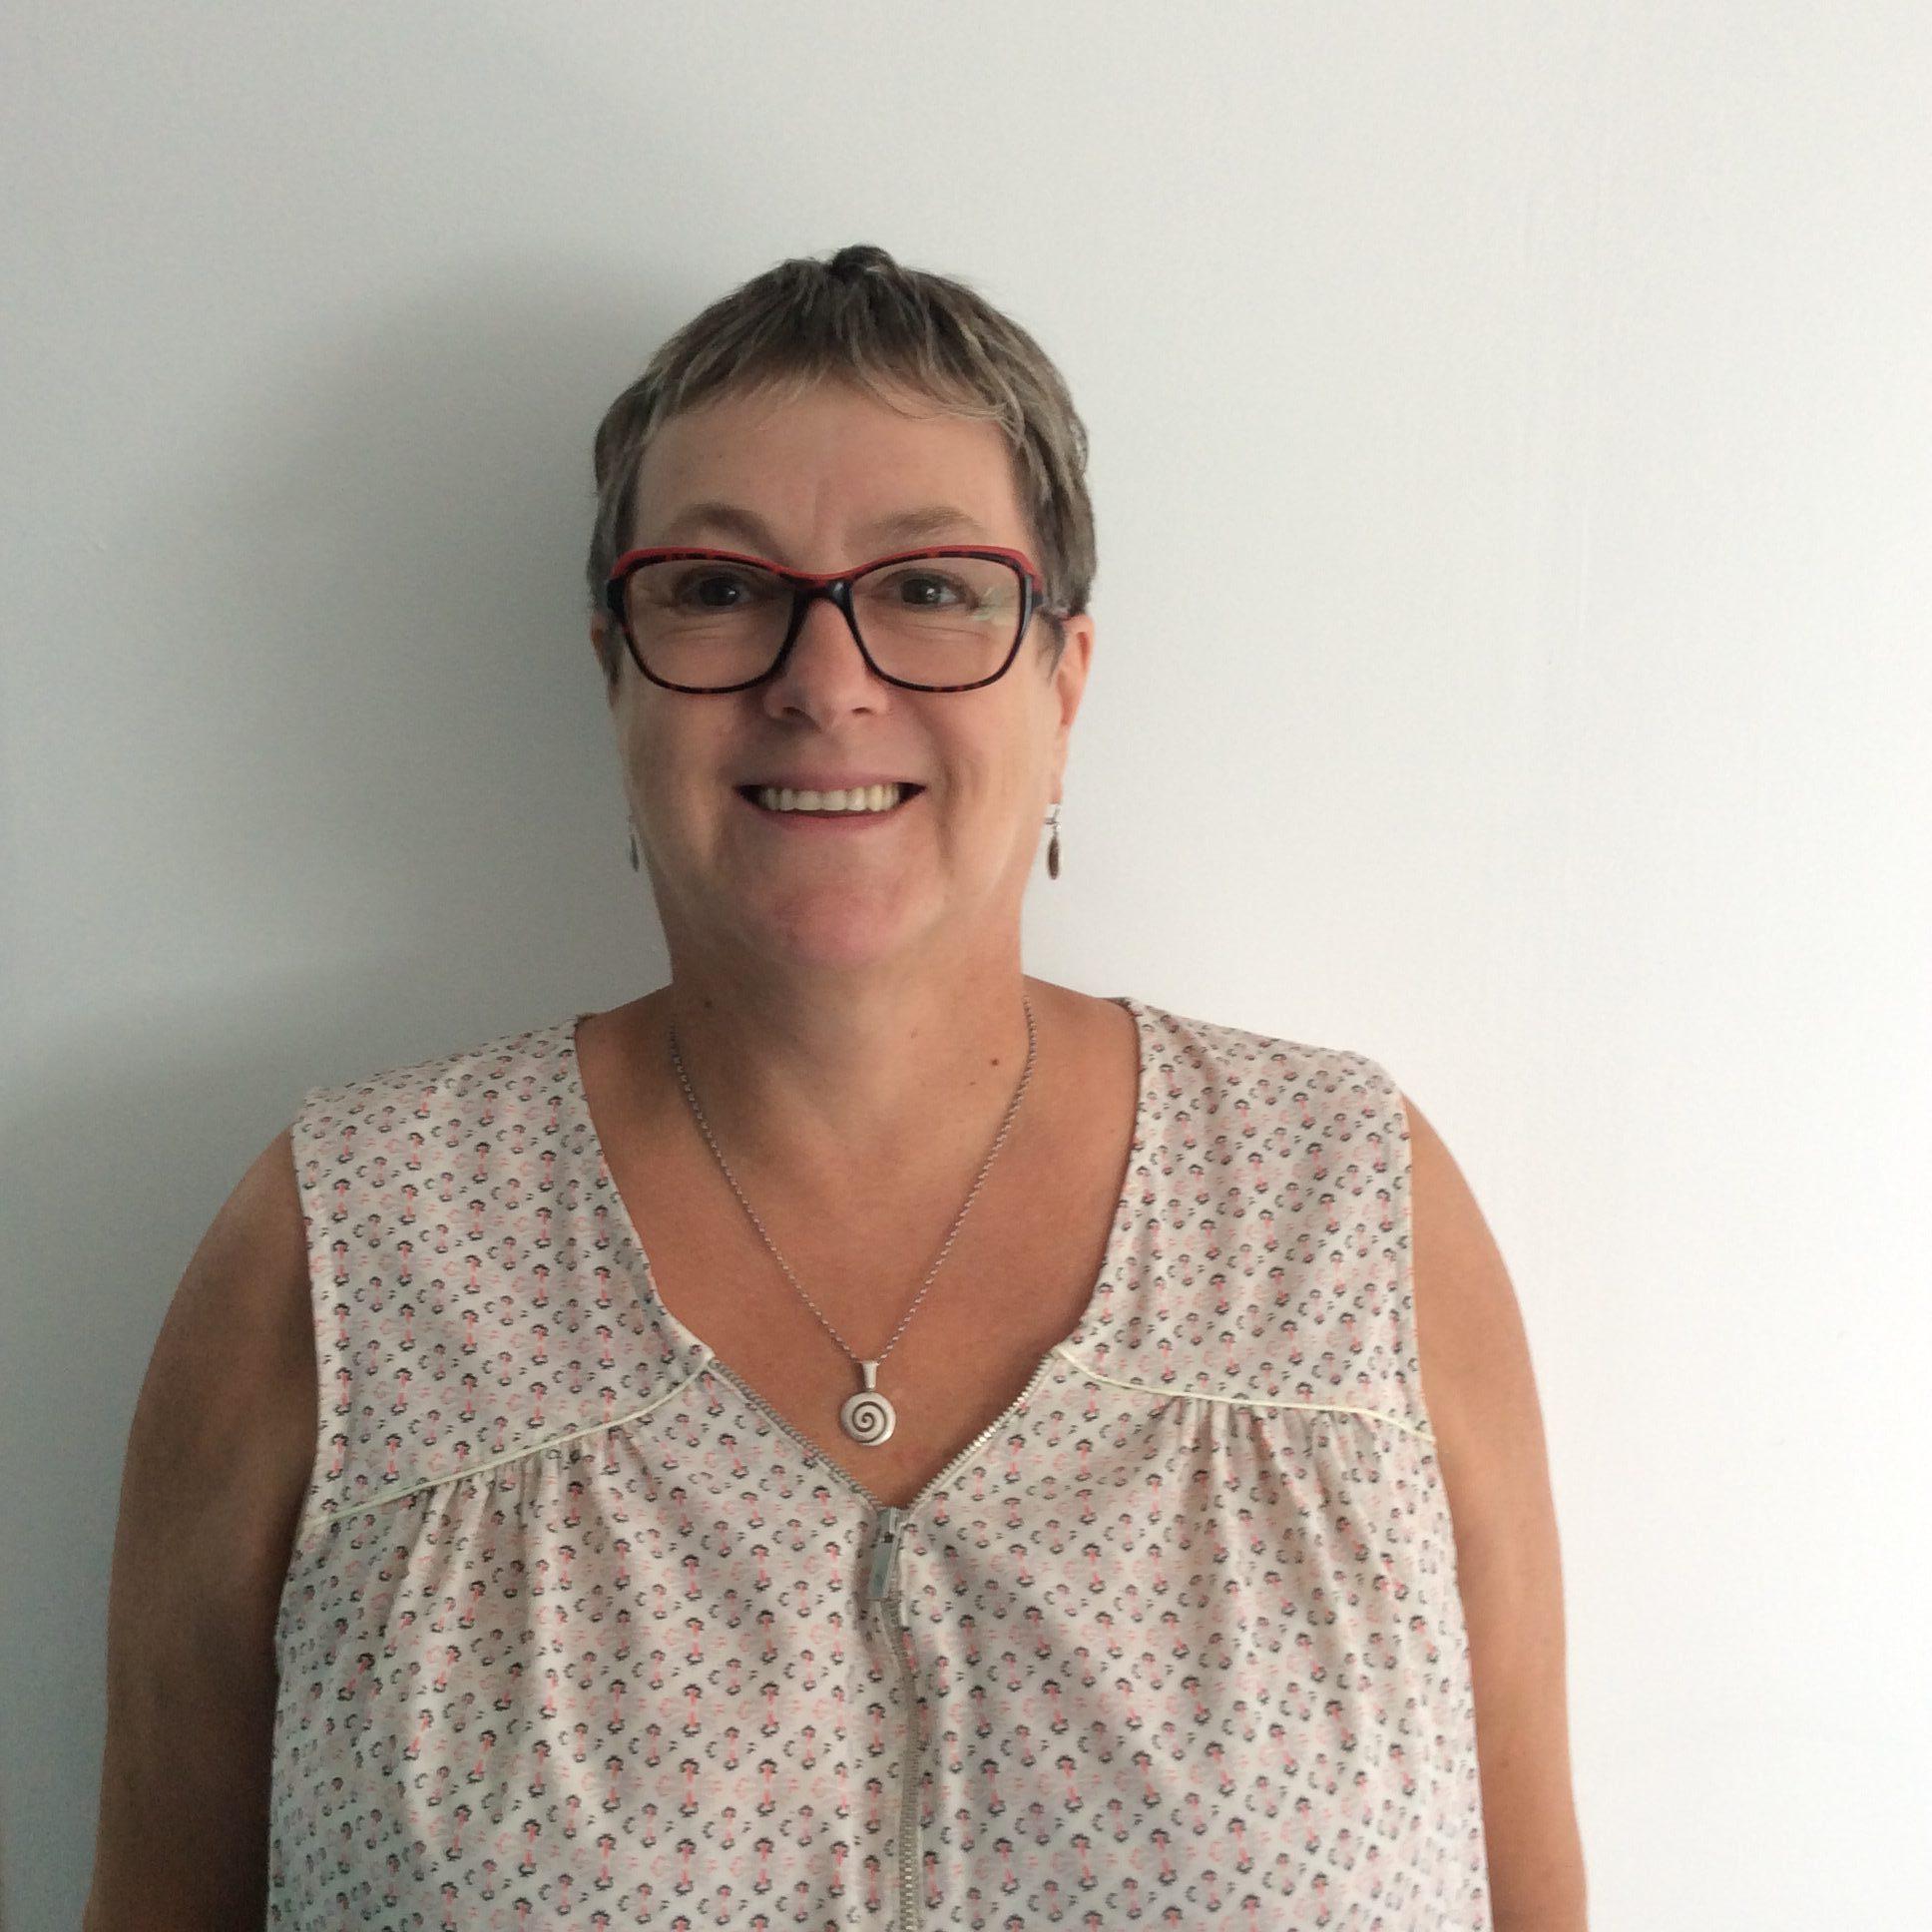 Mme Sckory - Gestionnaire de paie de l'équipe